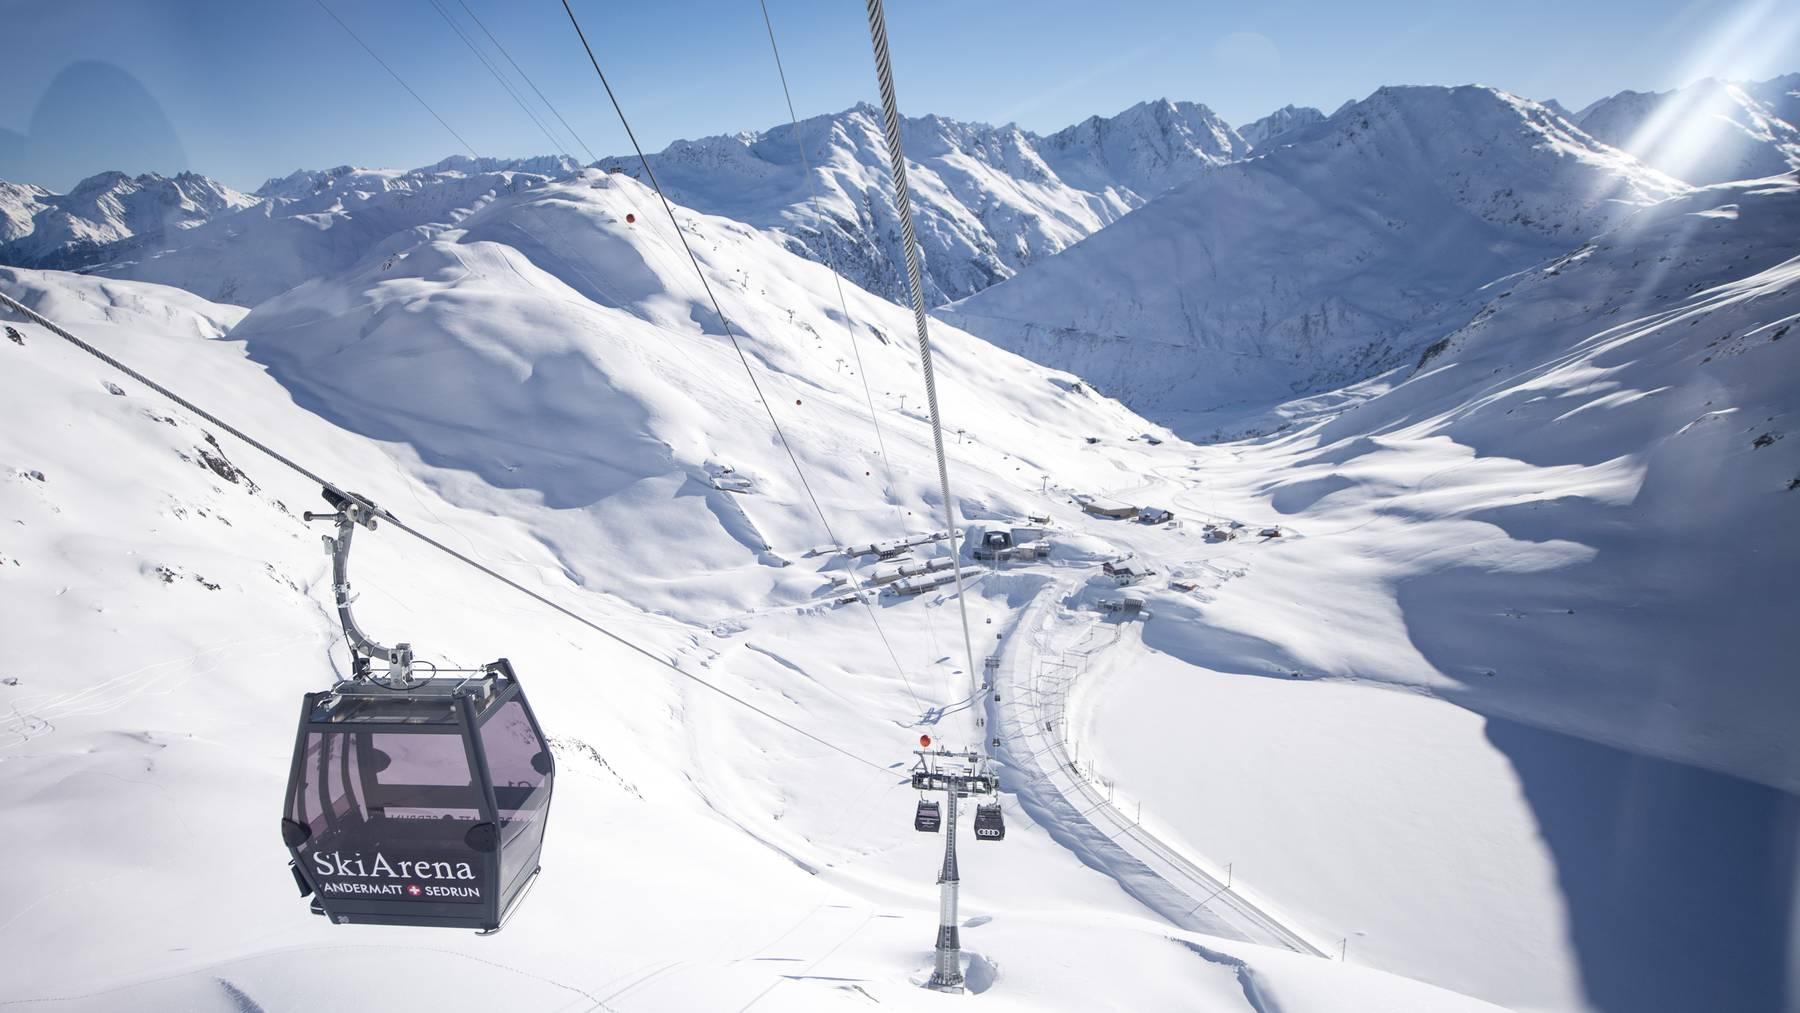 Es gibt für jeden das richtige Skigebiet. Finde heraus welches deines ist.